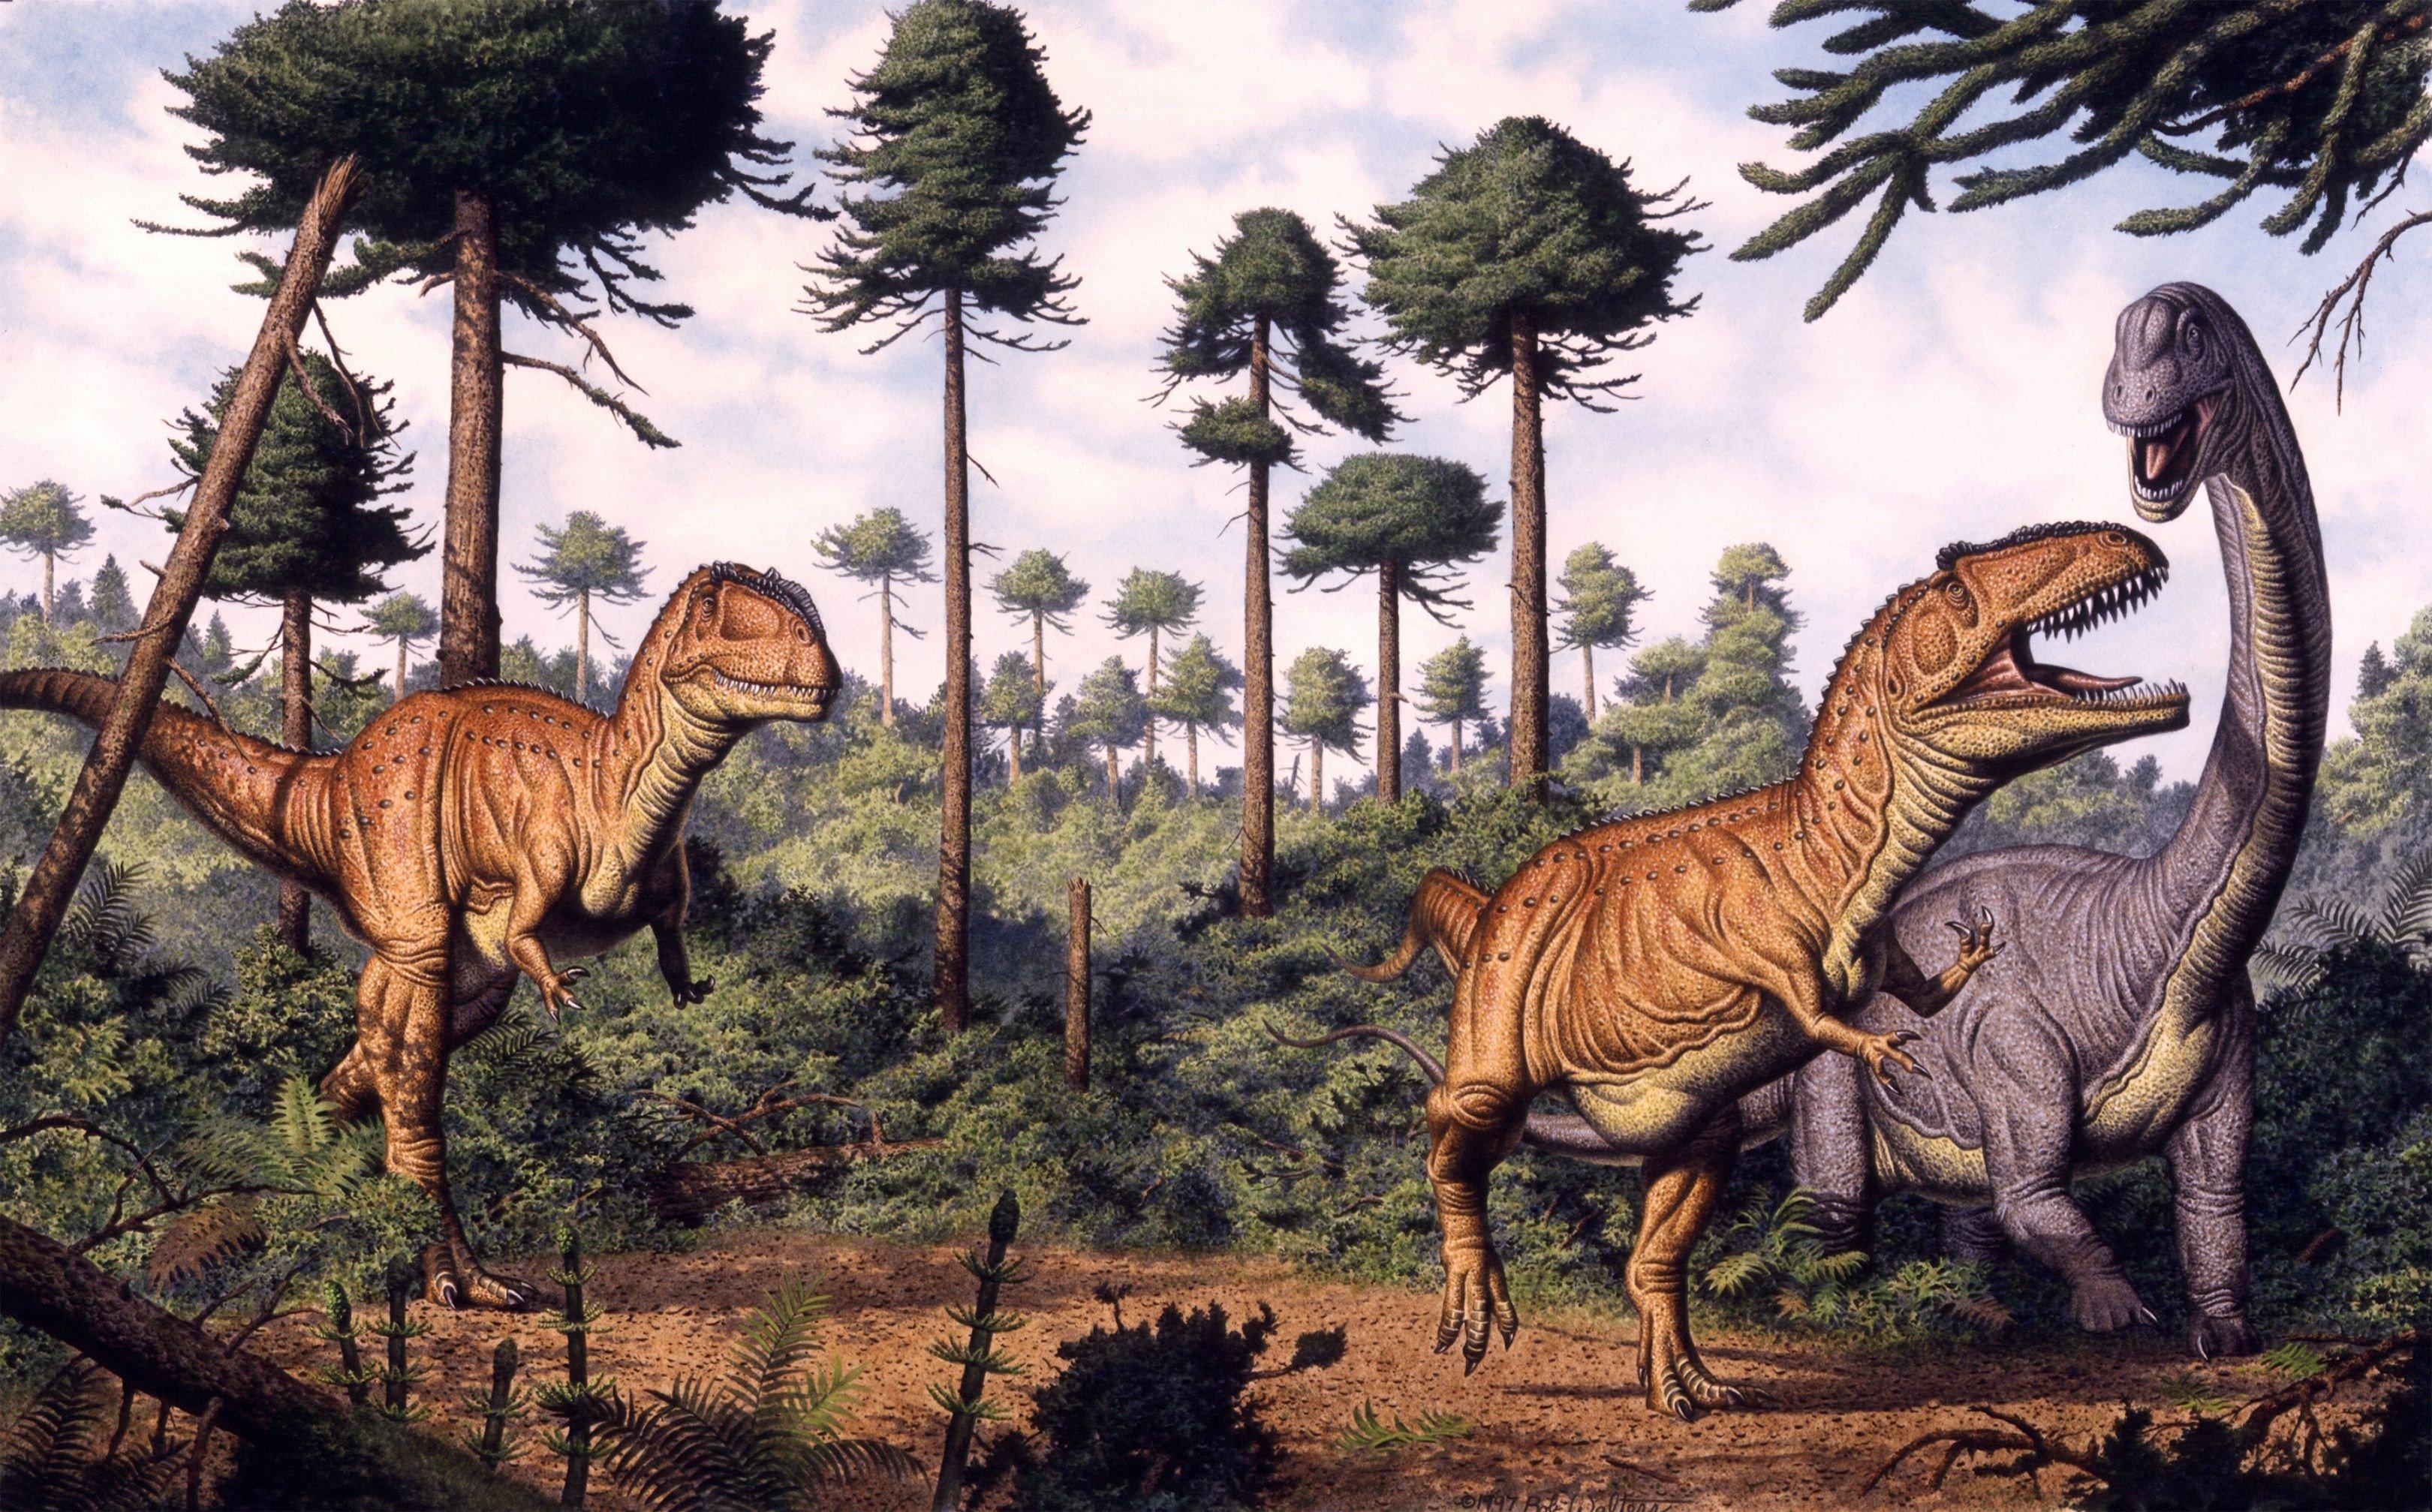 3240 x 2015 jpeg 1305kBBrachiosaurus